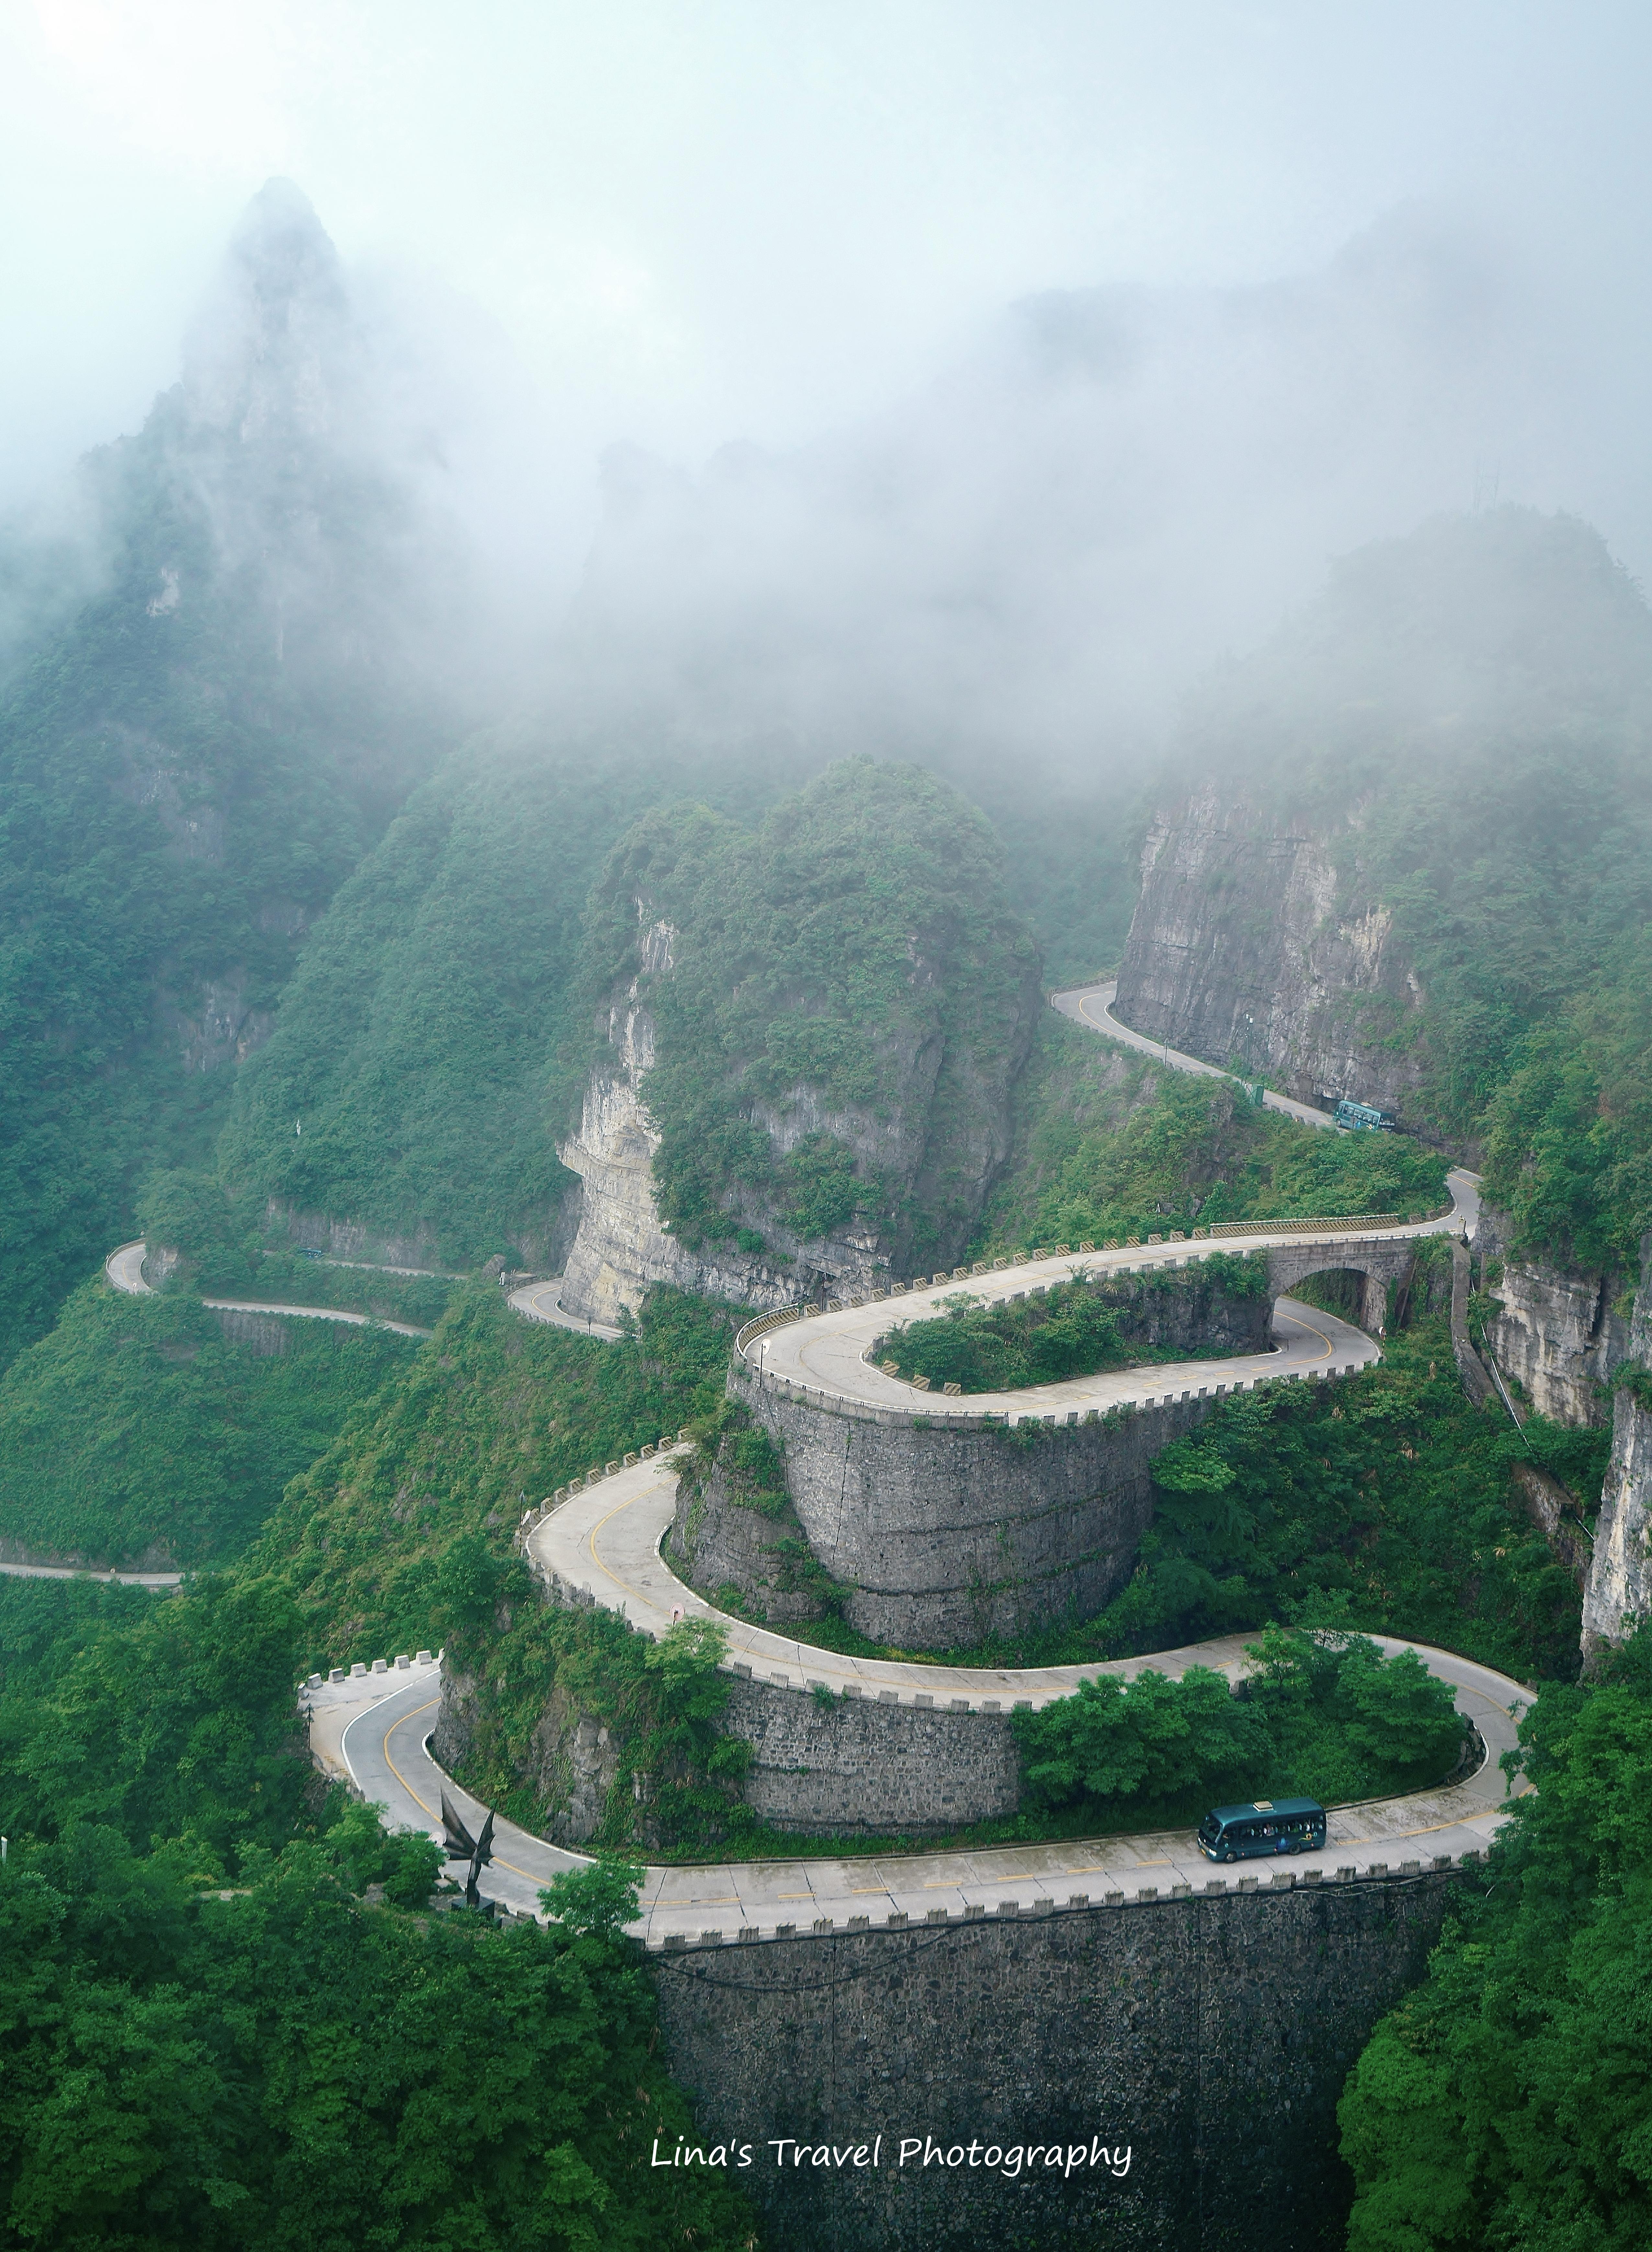 99 Bends to and from Heaven's Gate, Tianmen Mountain, Zhangjiajie, Hunan, China